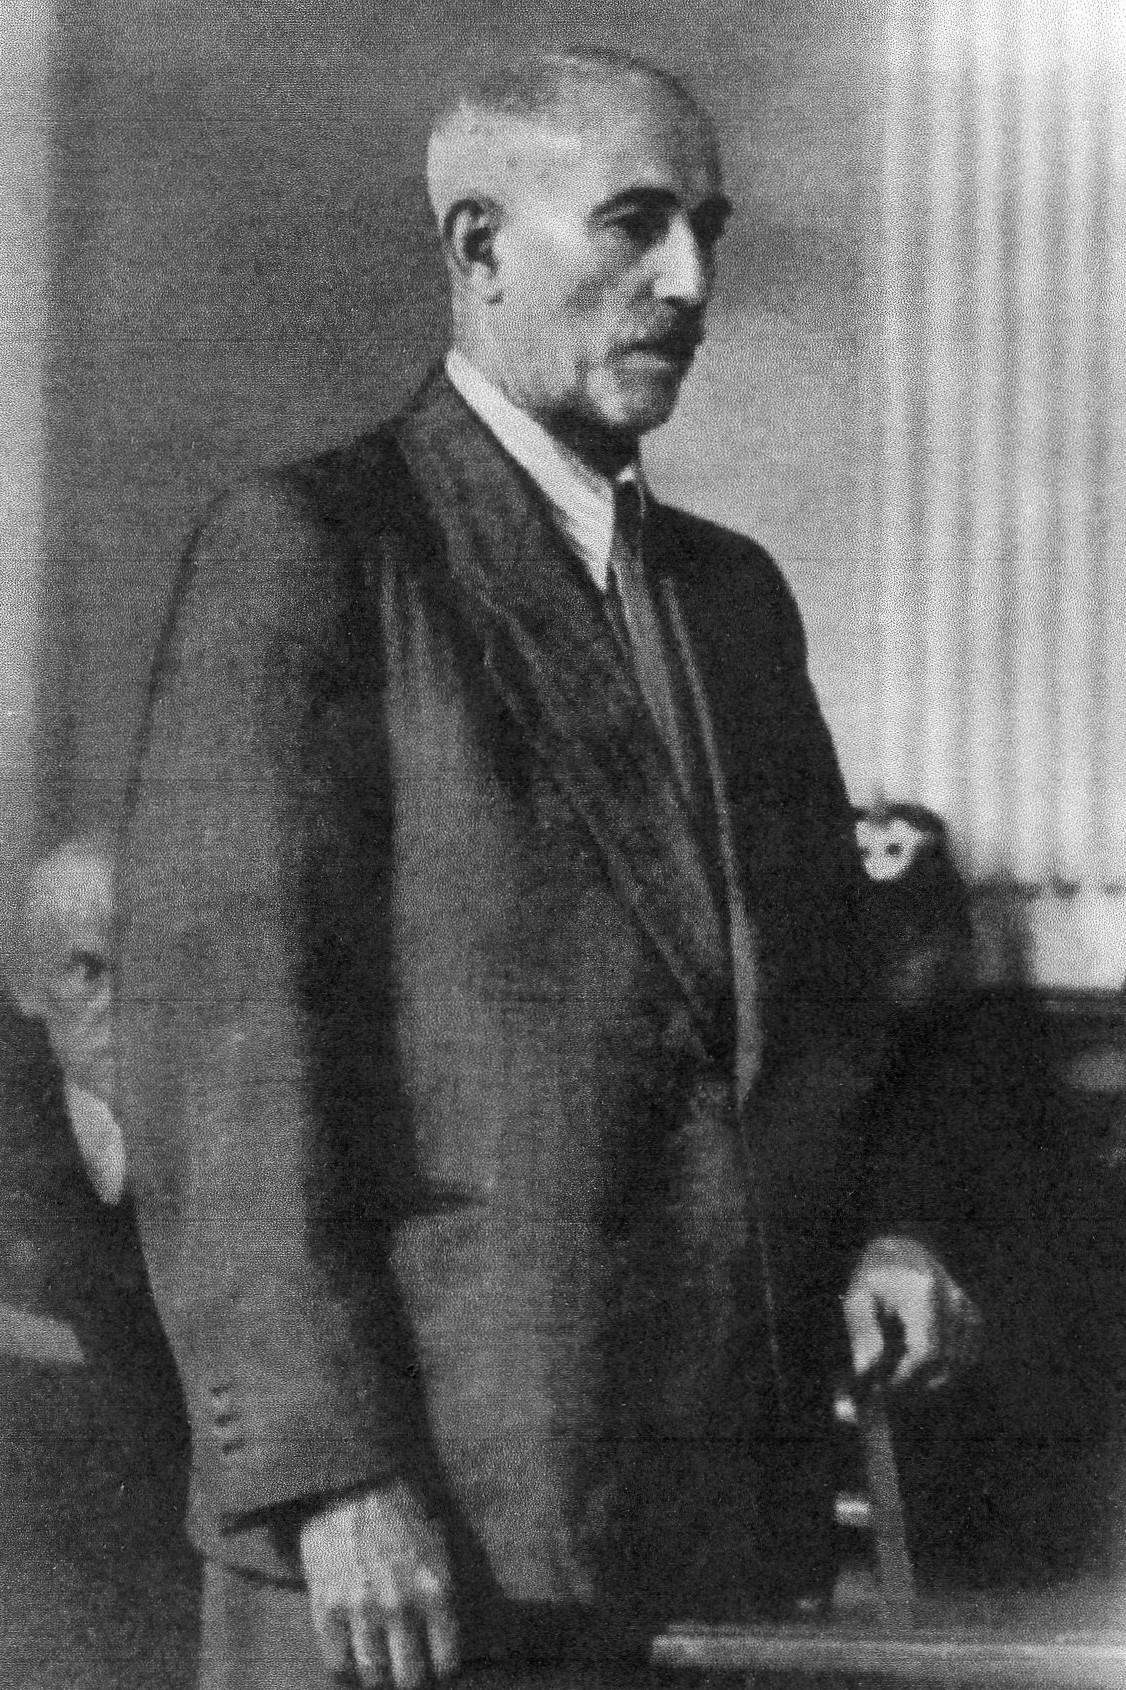 36. Wilhelm Leuschner